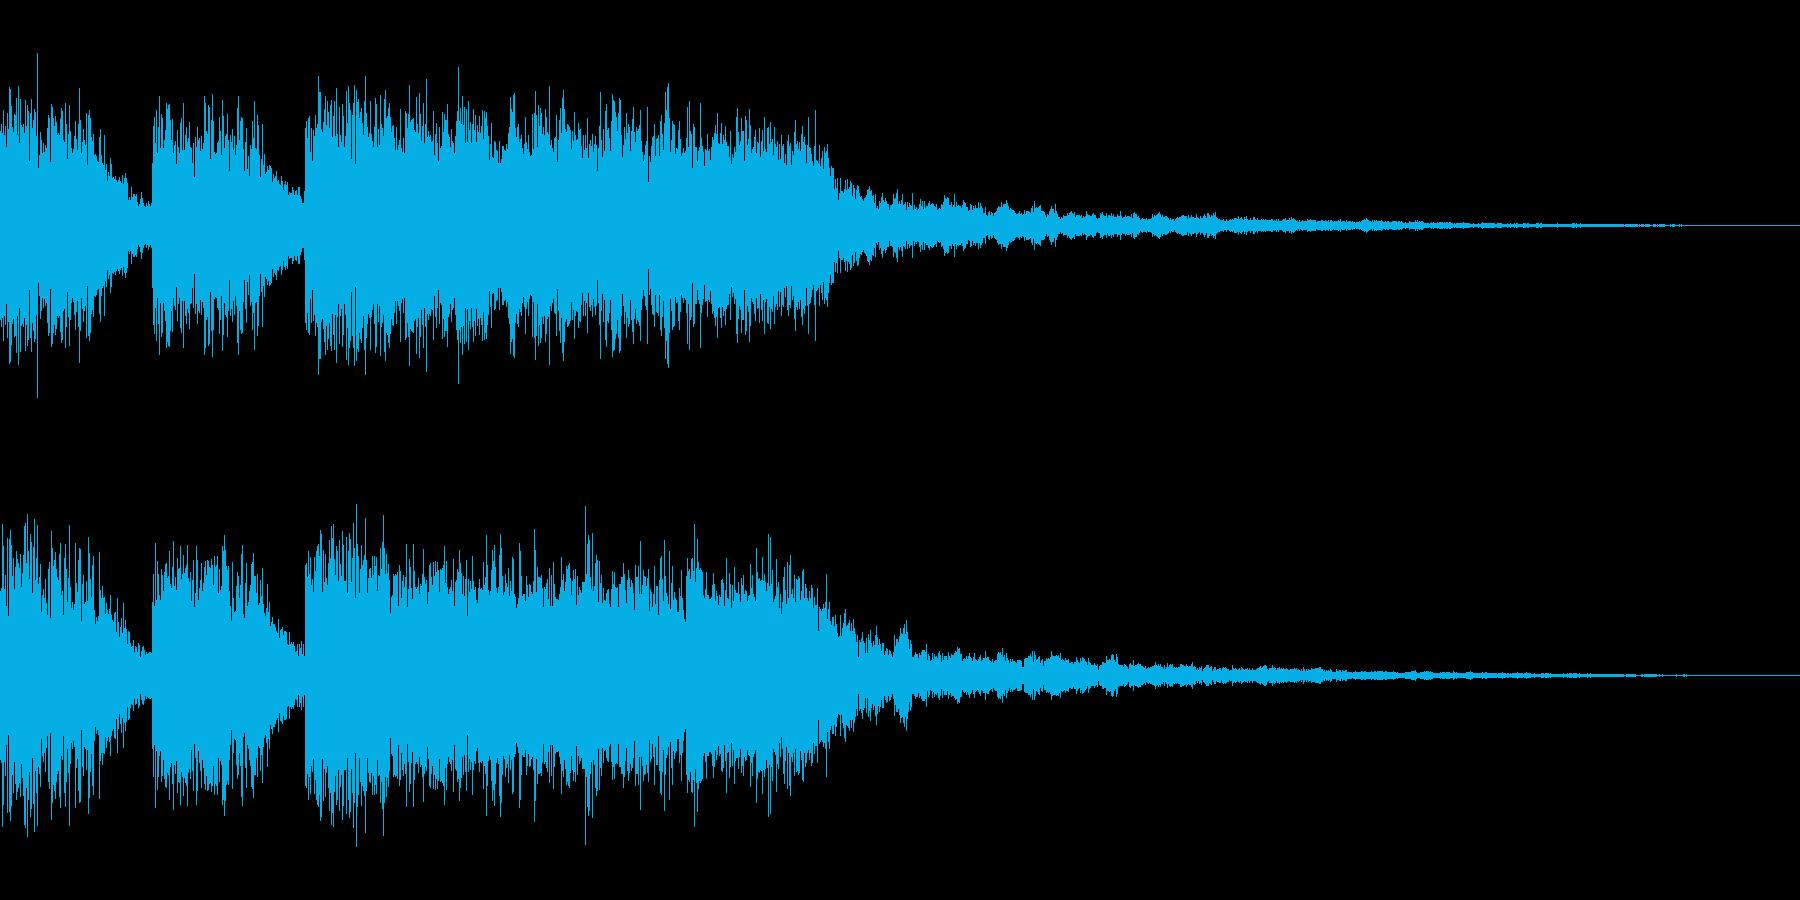 【ロゴ、ジングル】EDM01の再生済みの波形